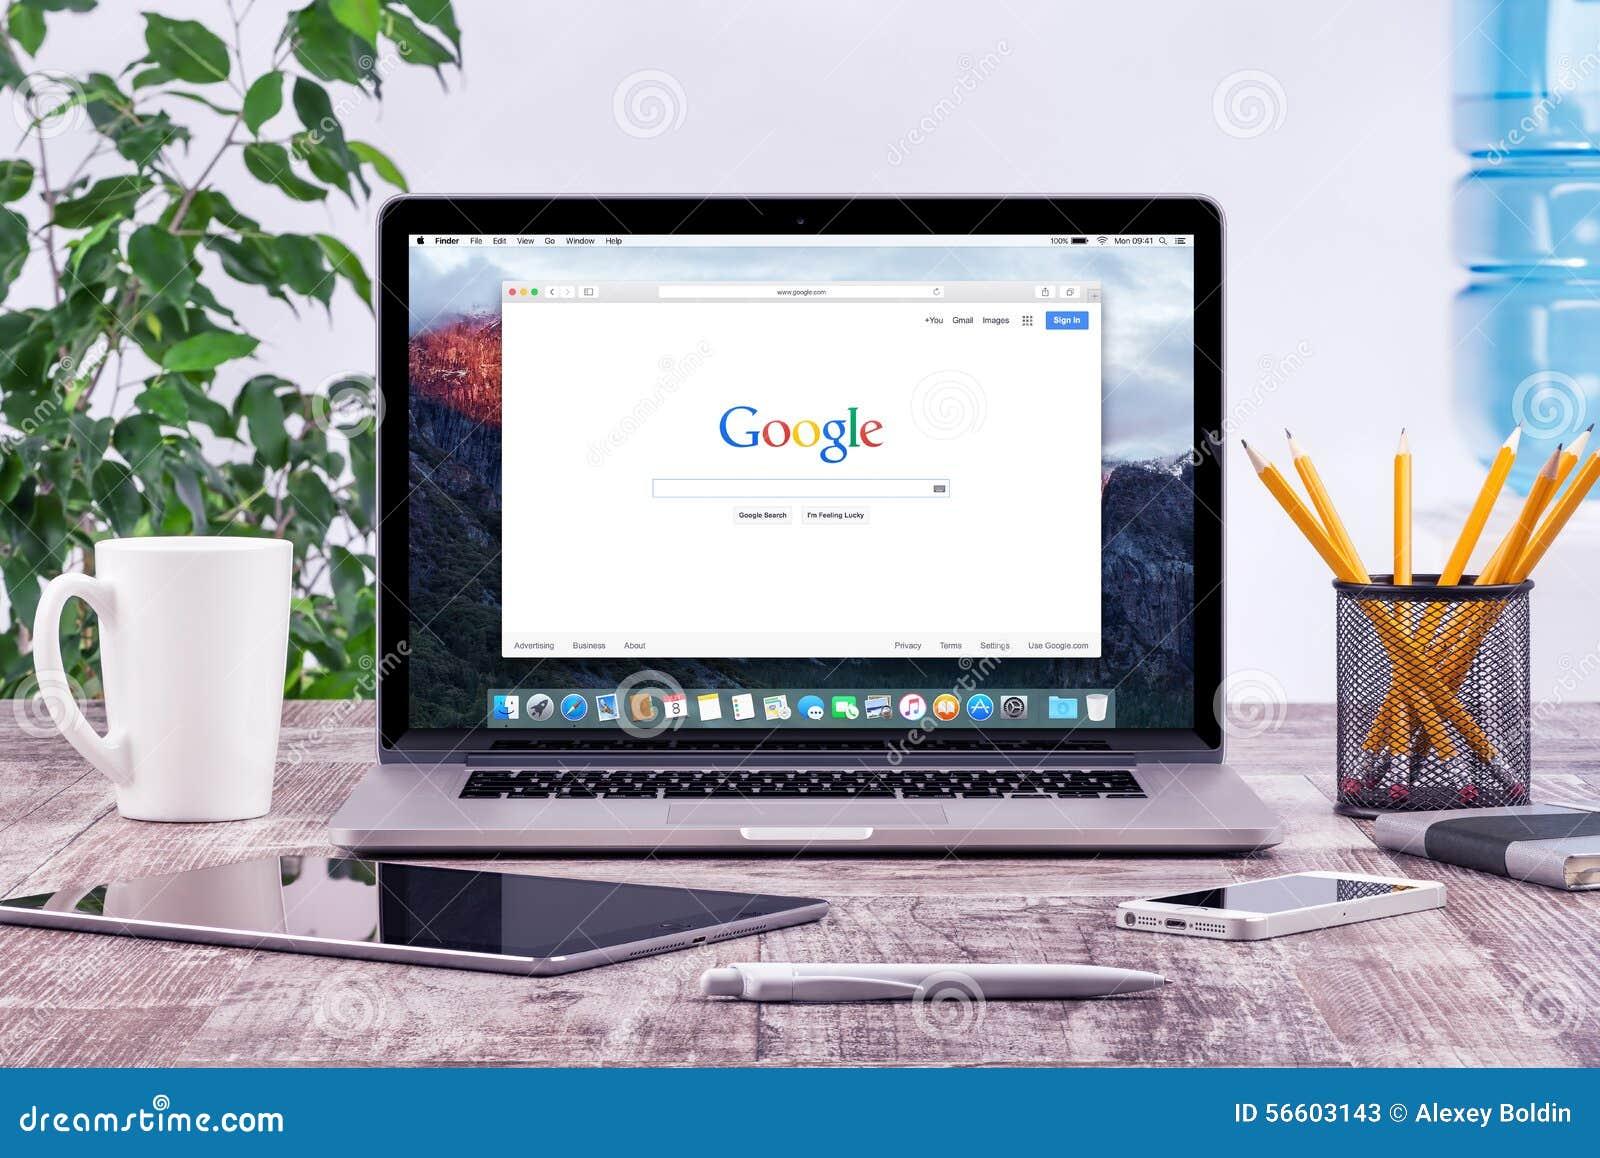 Bureauwerkplaats met open Apple Macbook Pro met Google-pagina